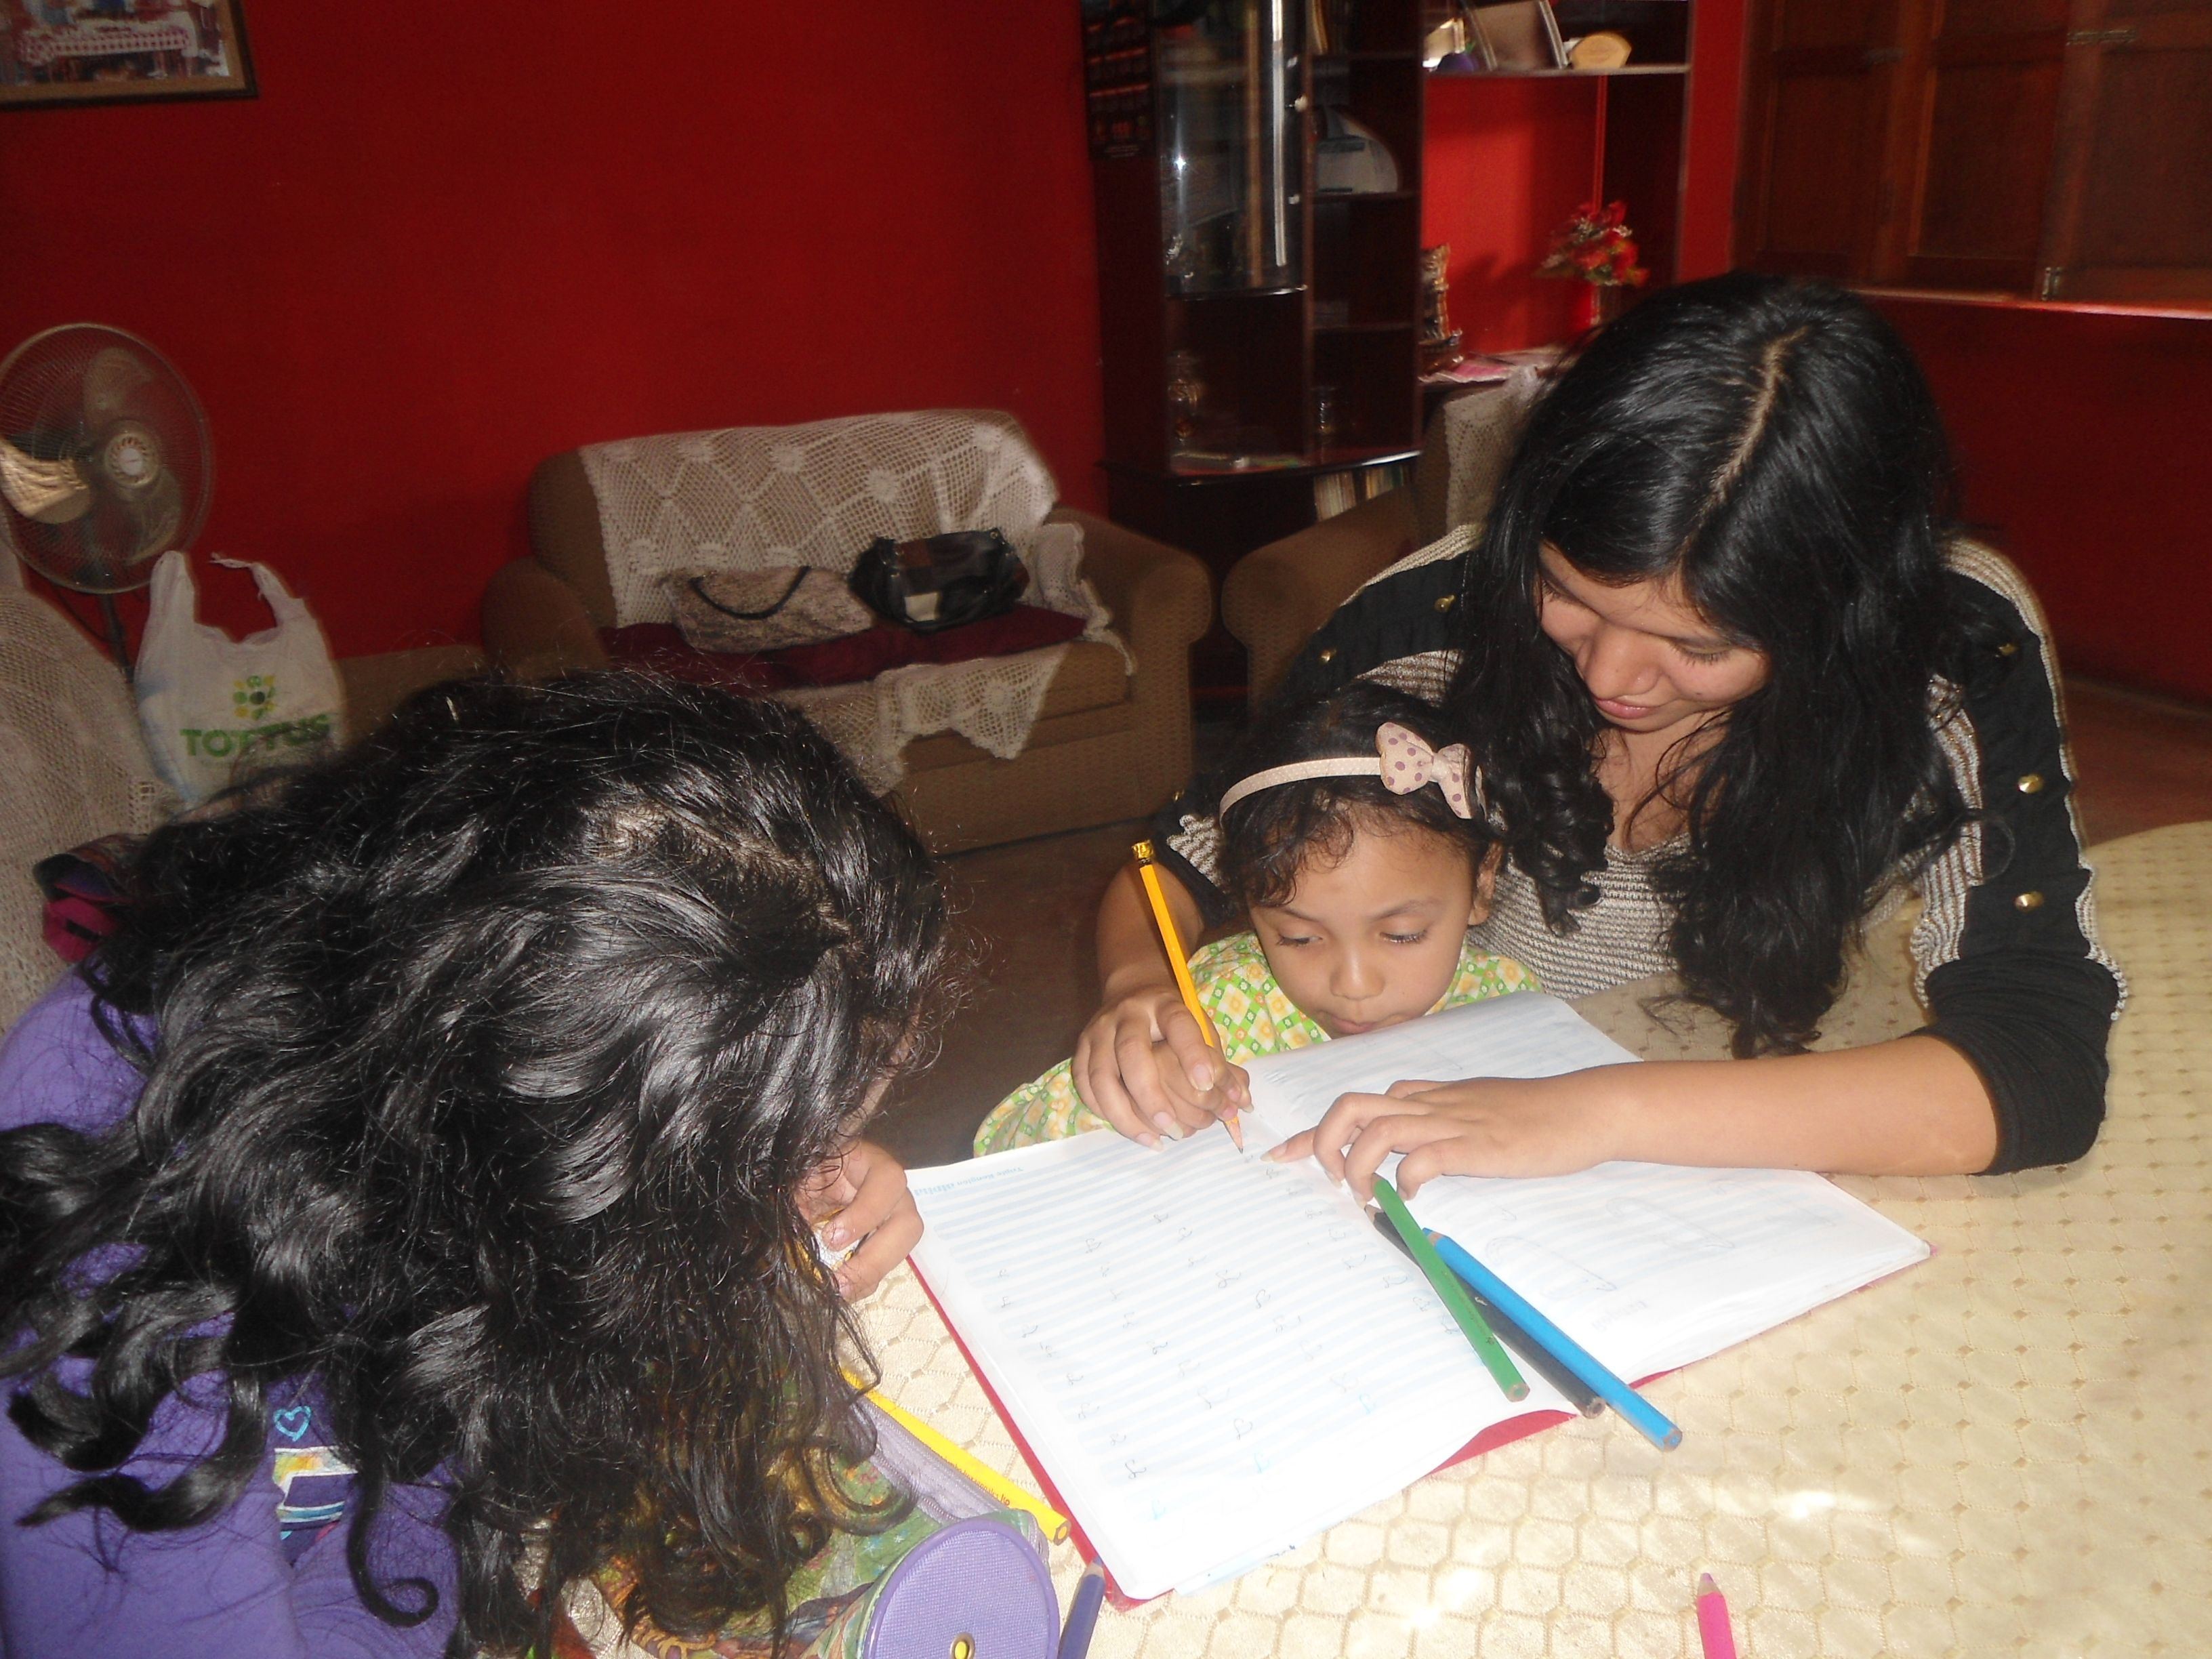 Mary, Nataly y  Nicole tanbellas las tres como le enseñan a la Mary hacer su tarea que linda tarde fue ese día las vi ydisfruté su niñez recordando la mia Diosito me las cuide y proteja siempre¡¡¡¡¡¡¡